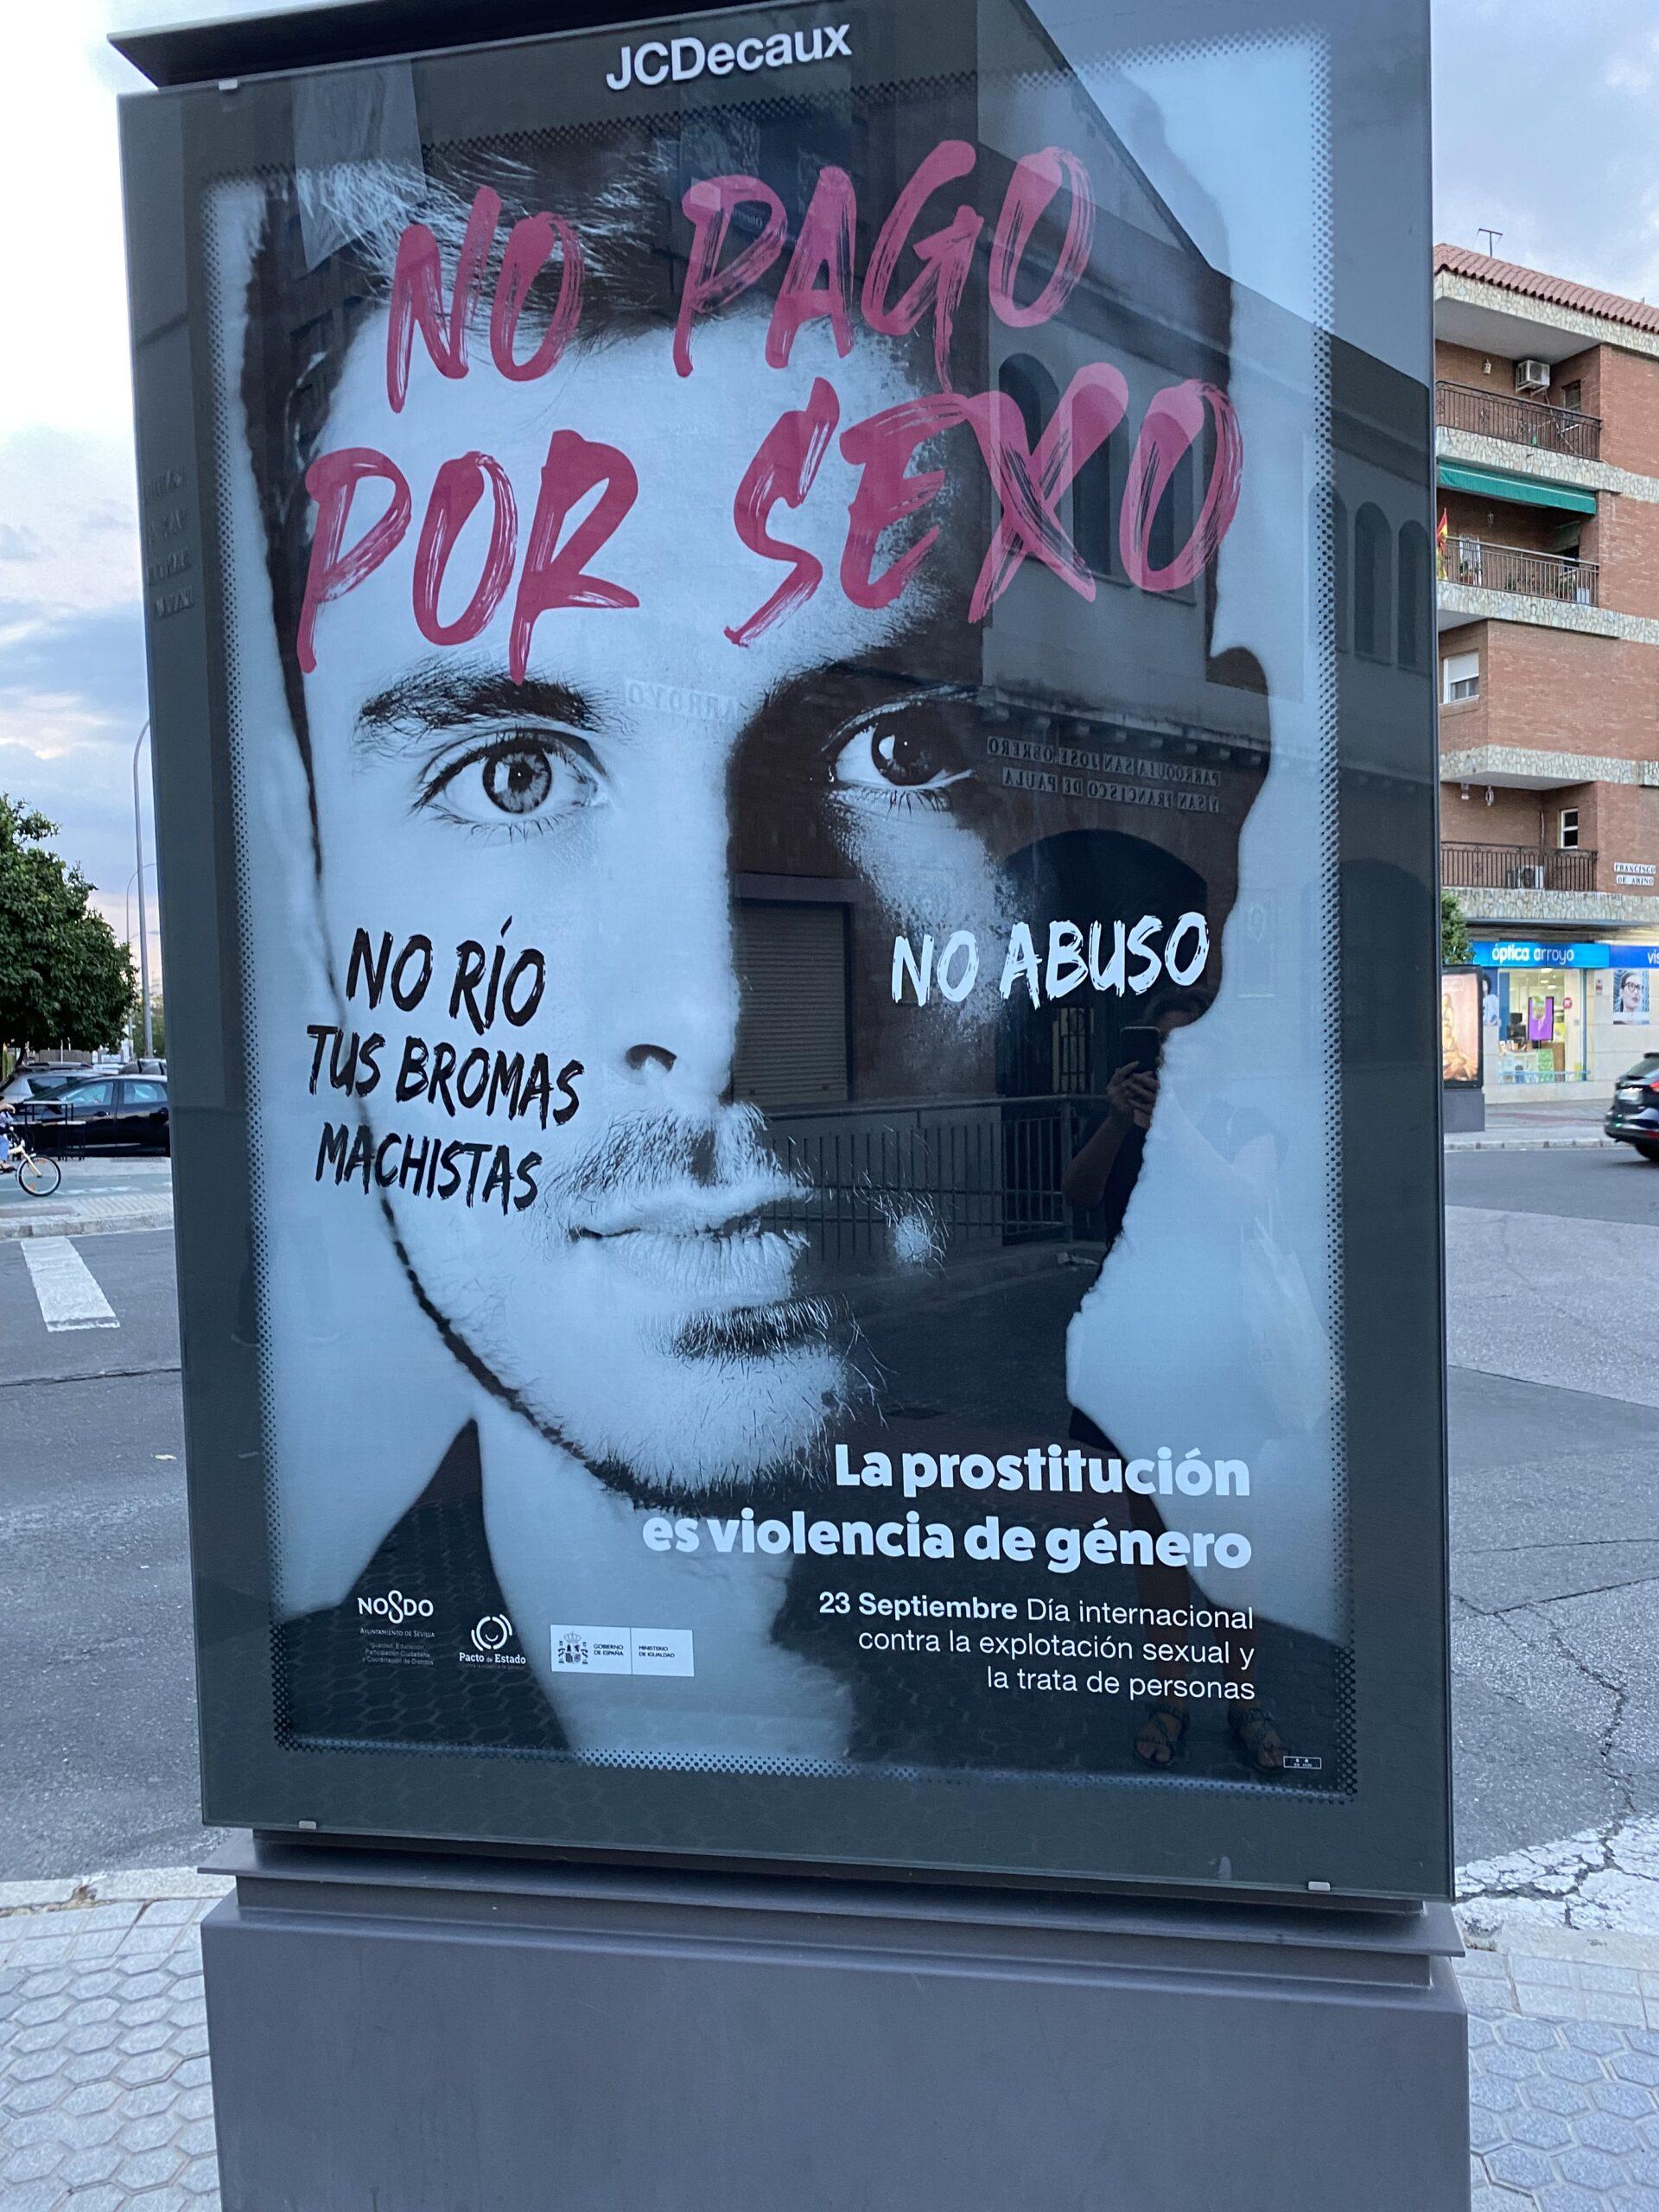 Cartel de la campaña 'No pagues por sexo' en una calle de Sevilla.